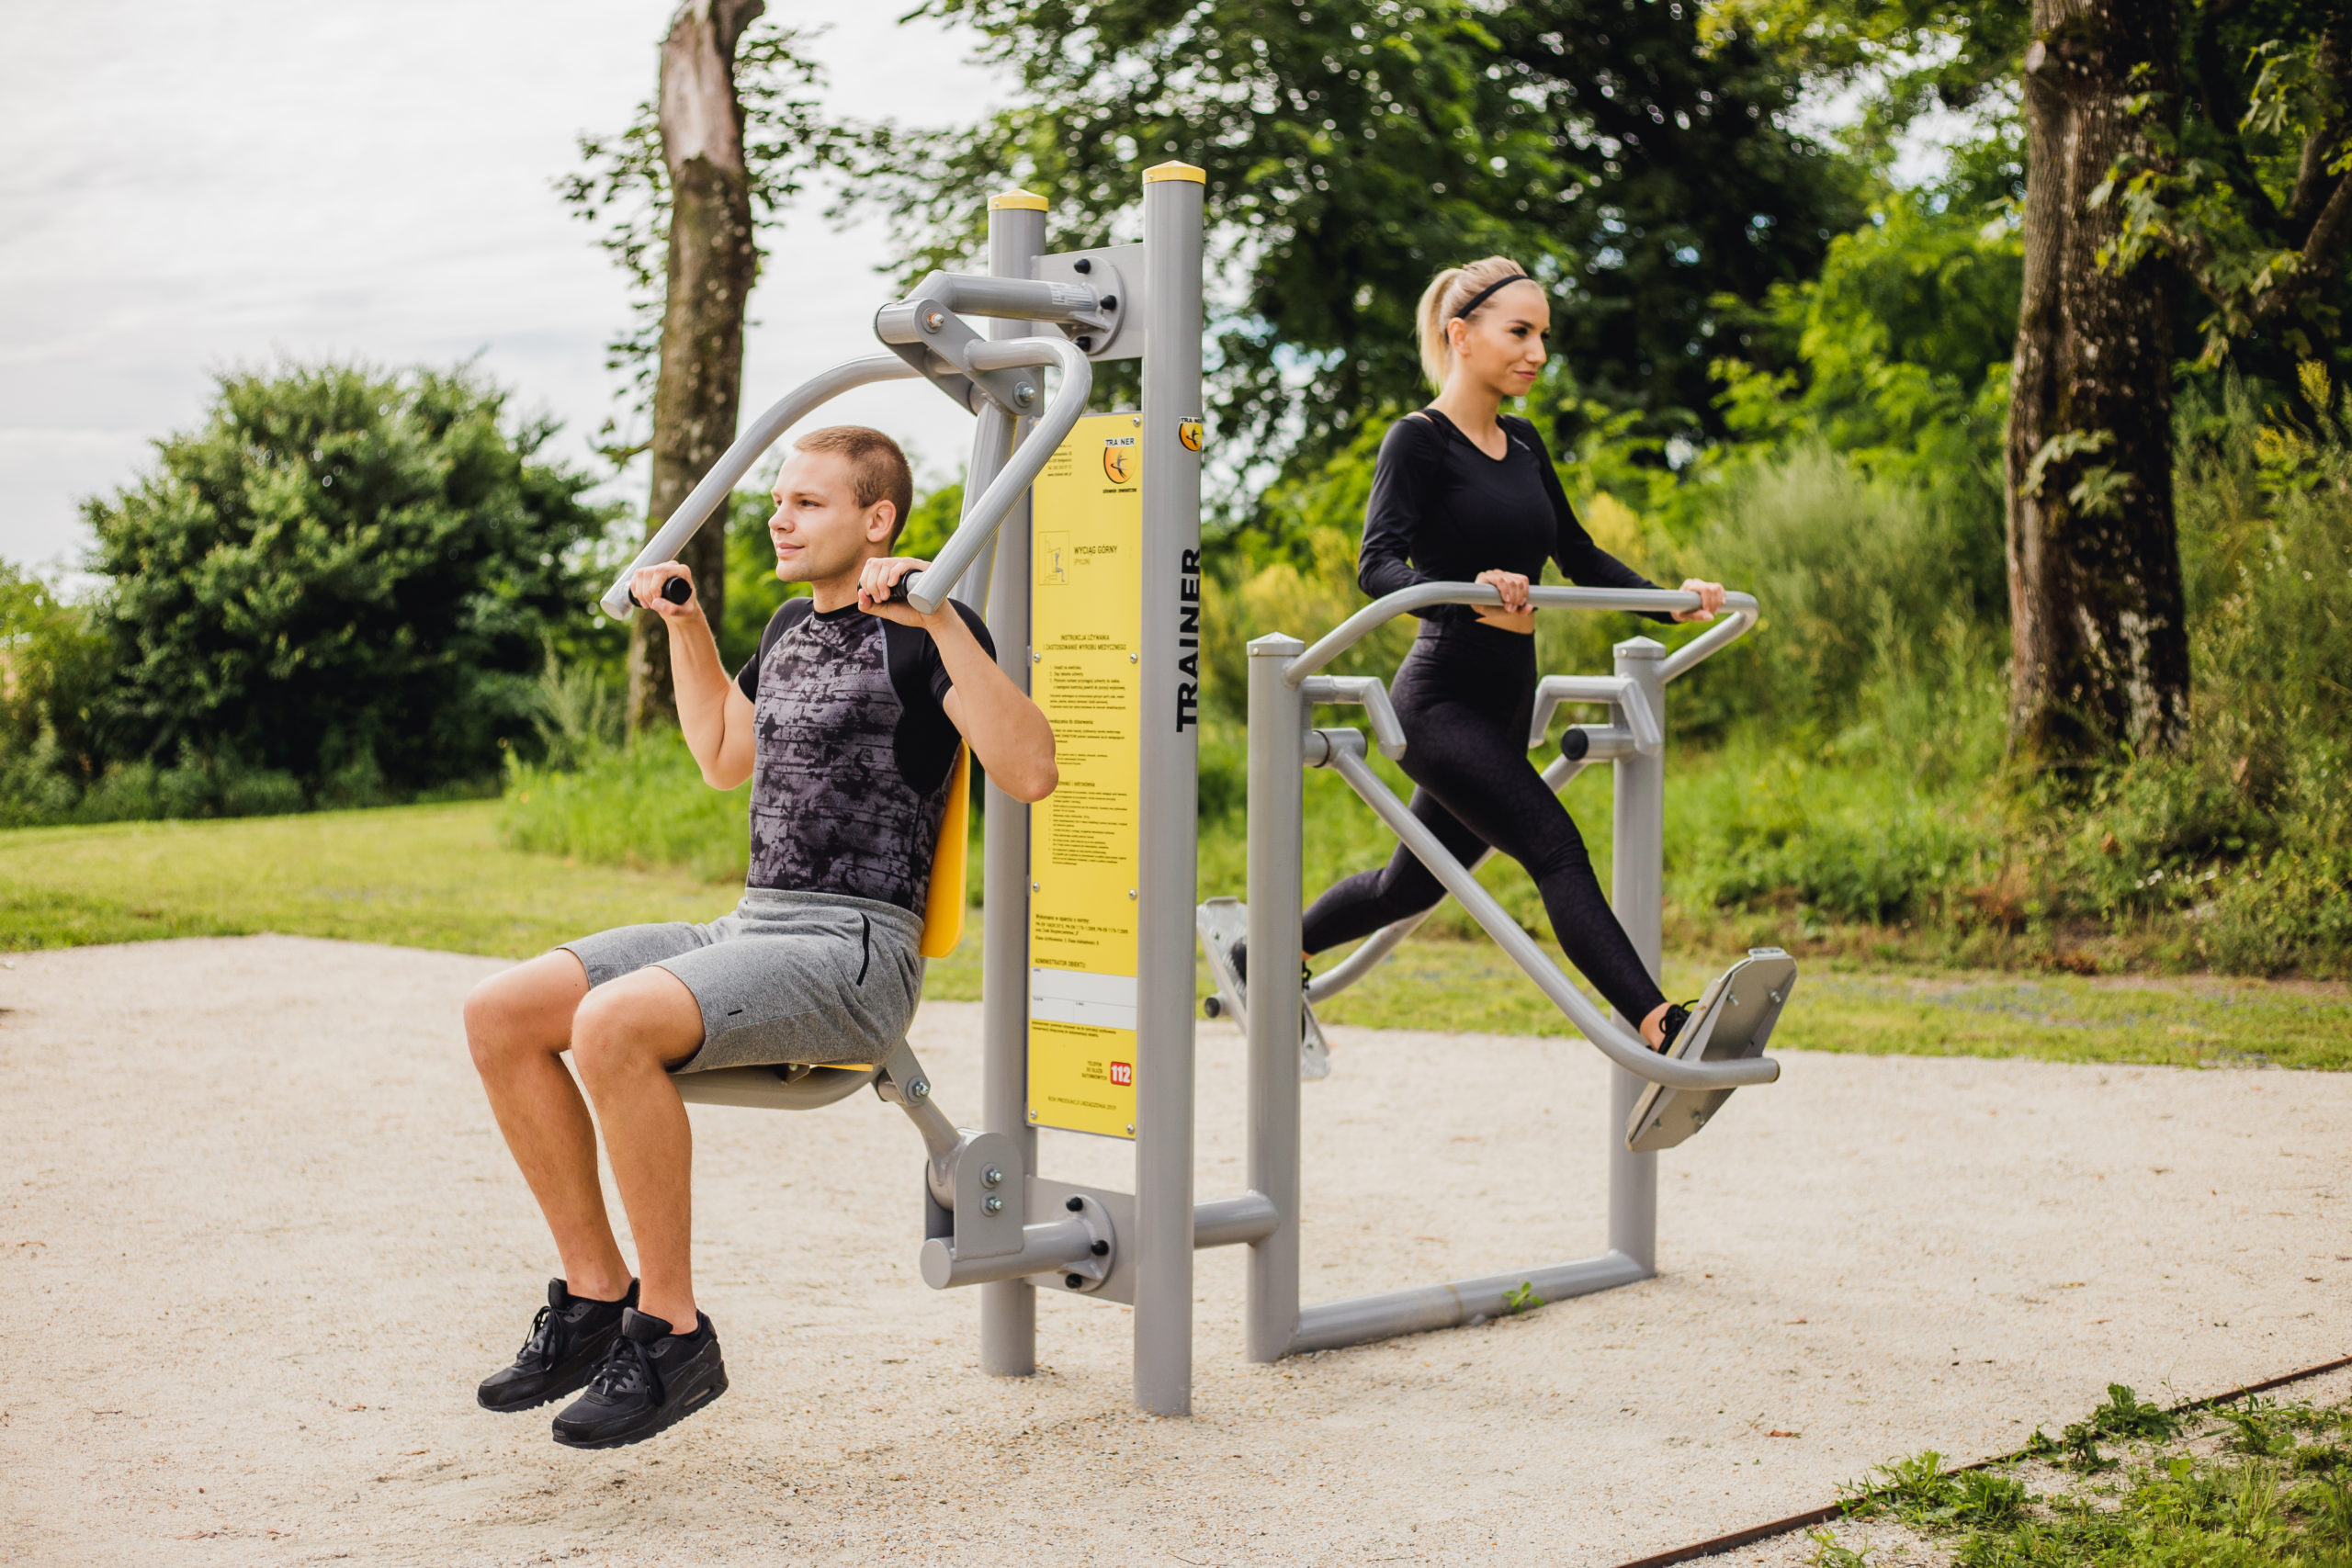 Dlaczego warto ćwiczyć na siłowniach zewnętrznych?